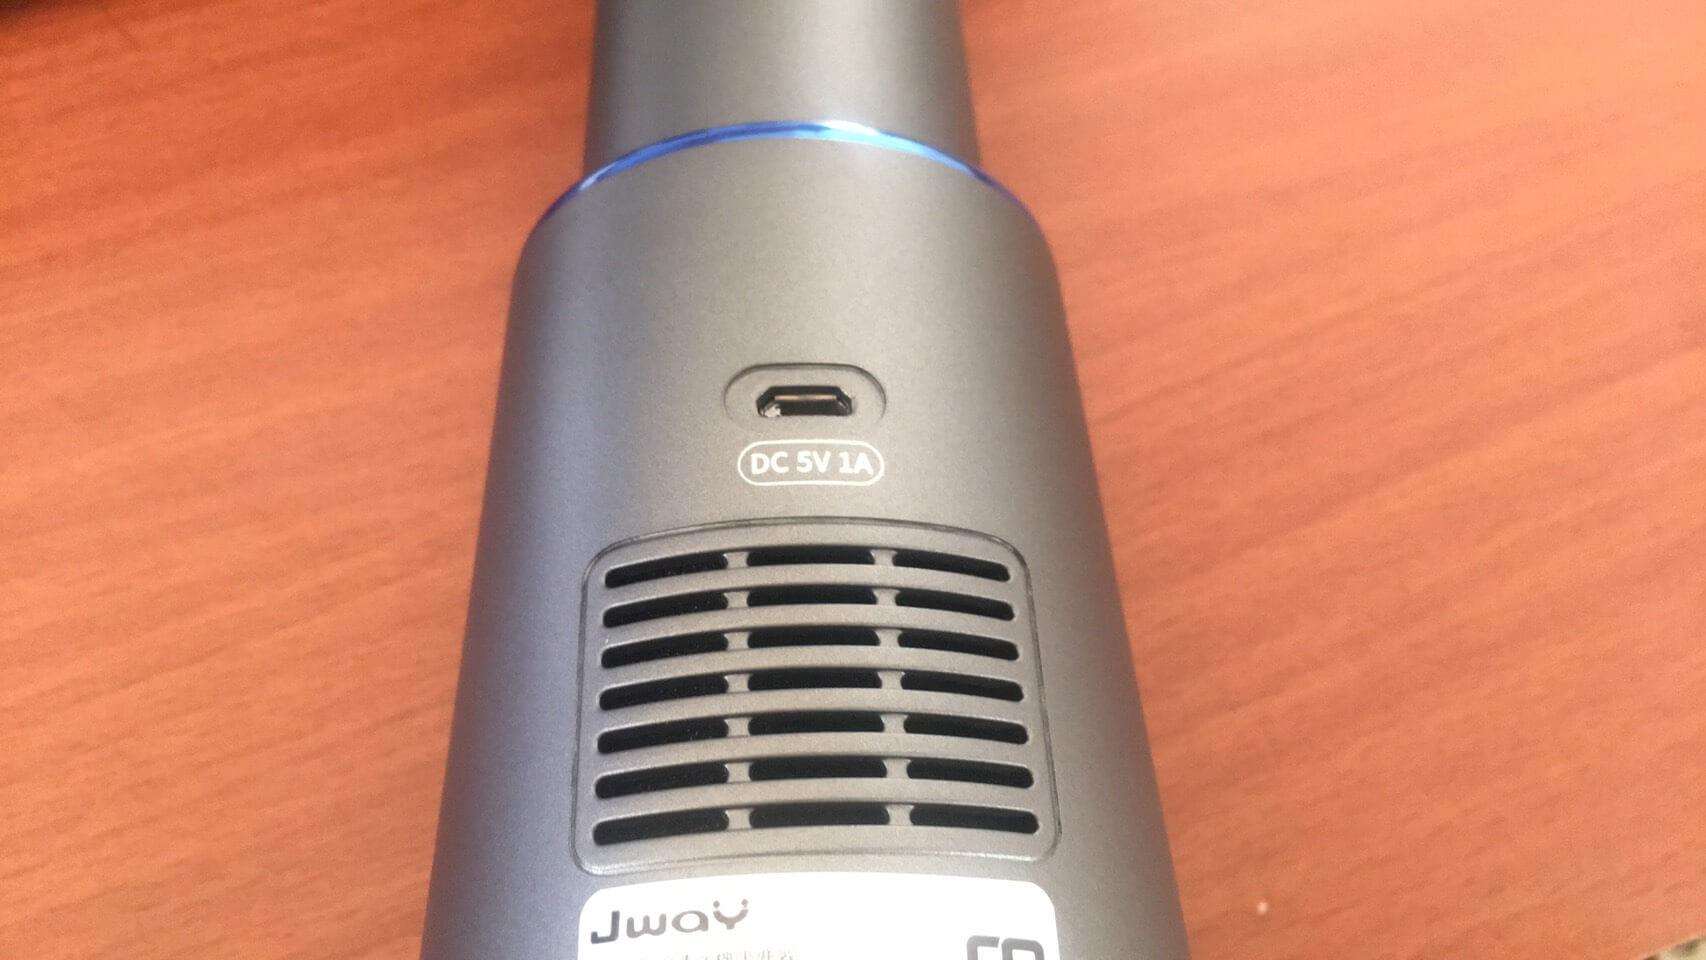 Jway貓咪空氣清淨機-主機背面